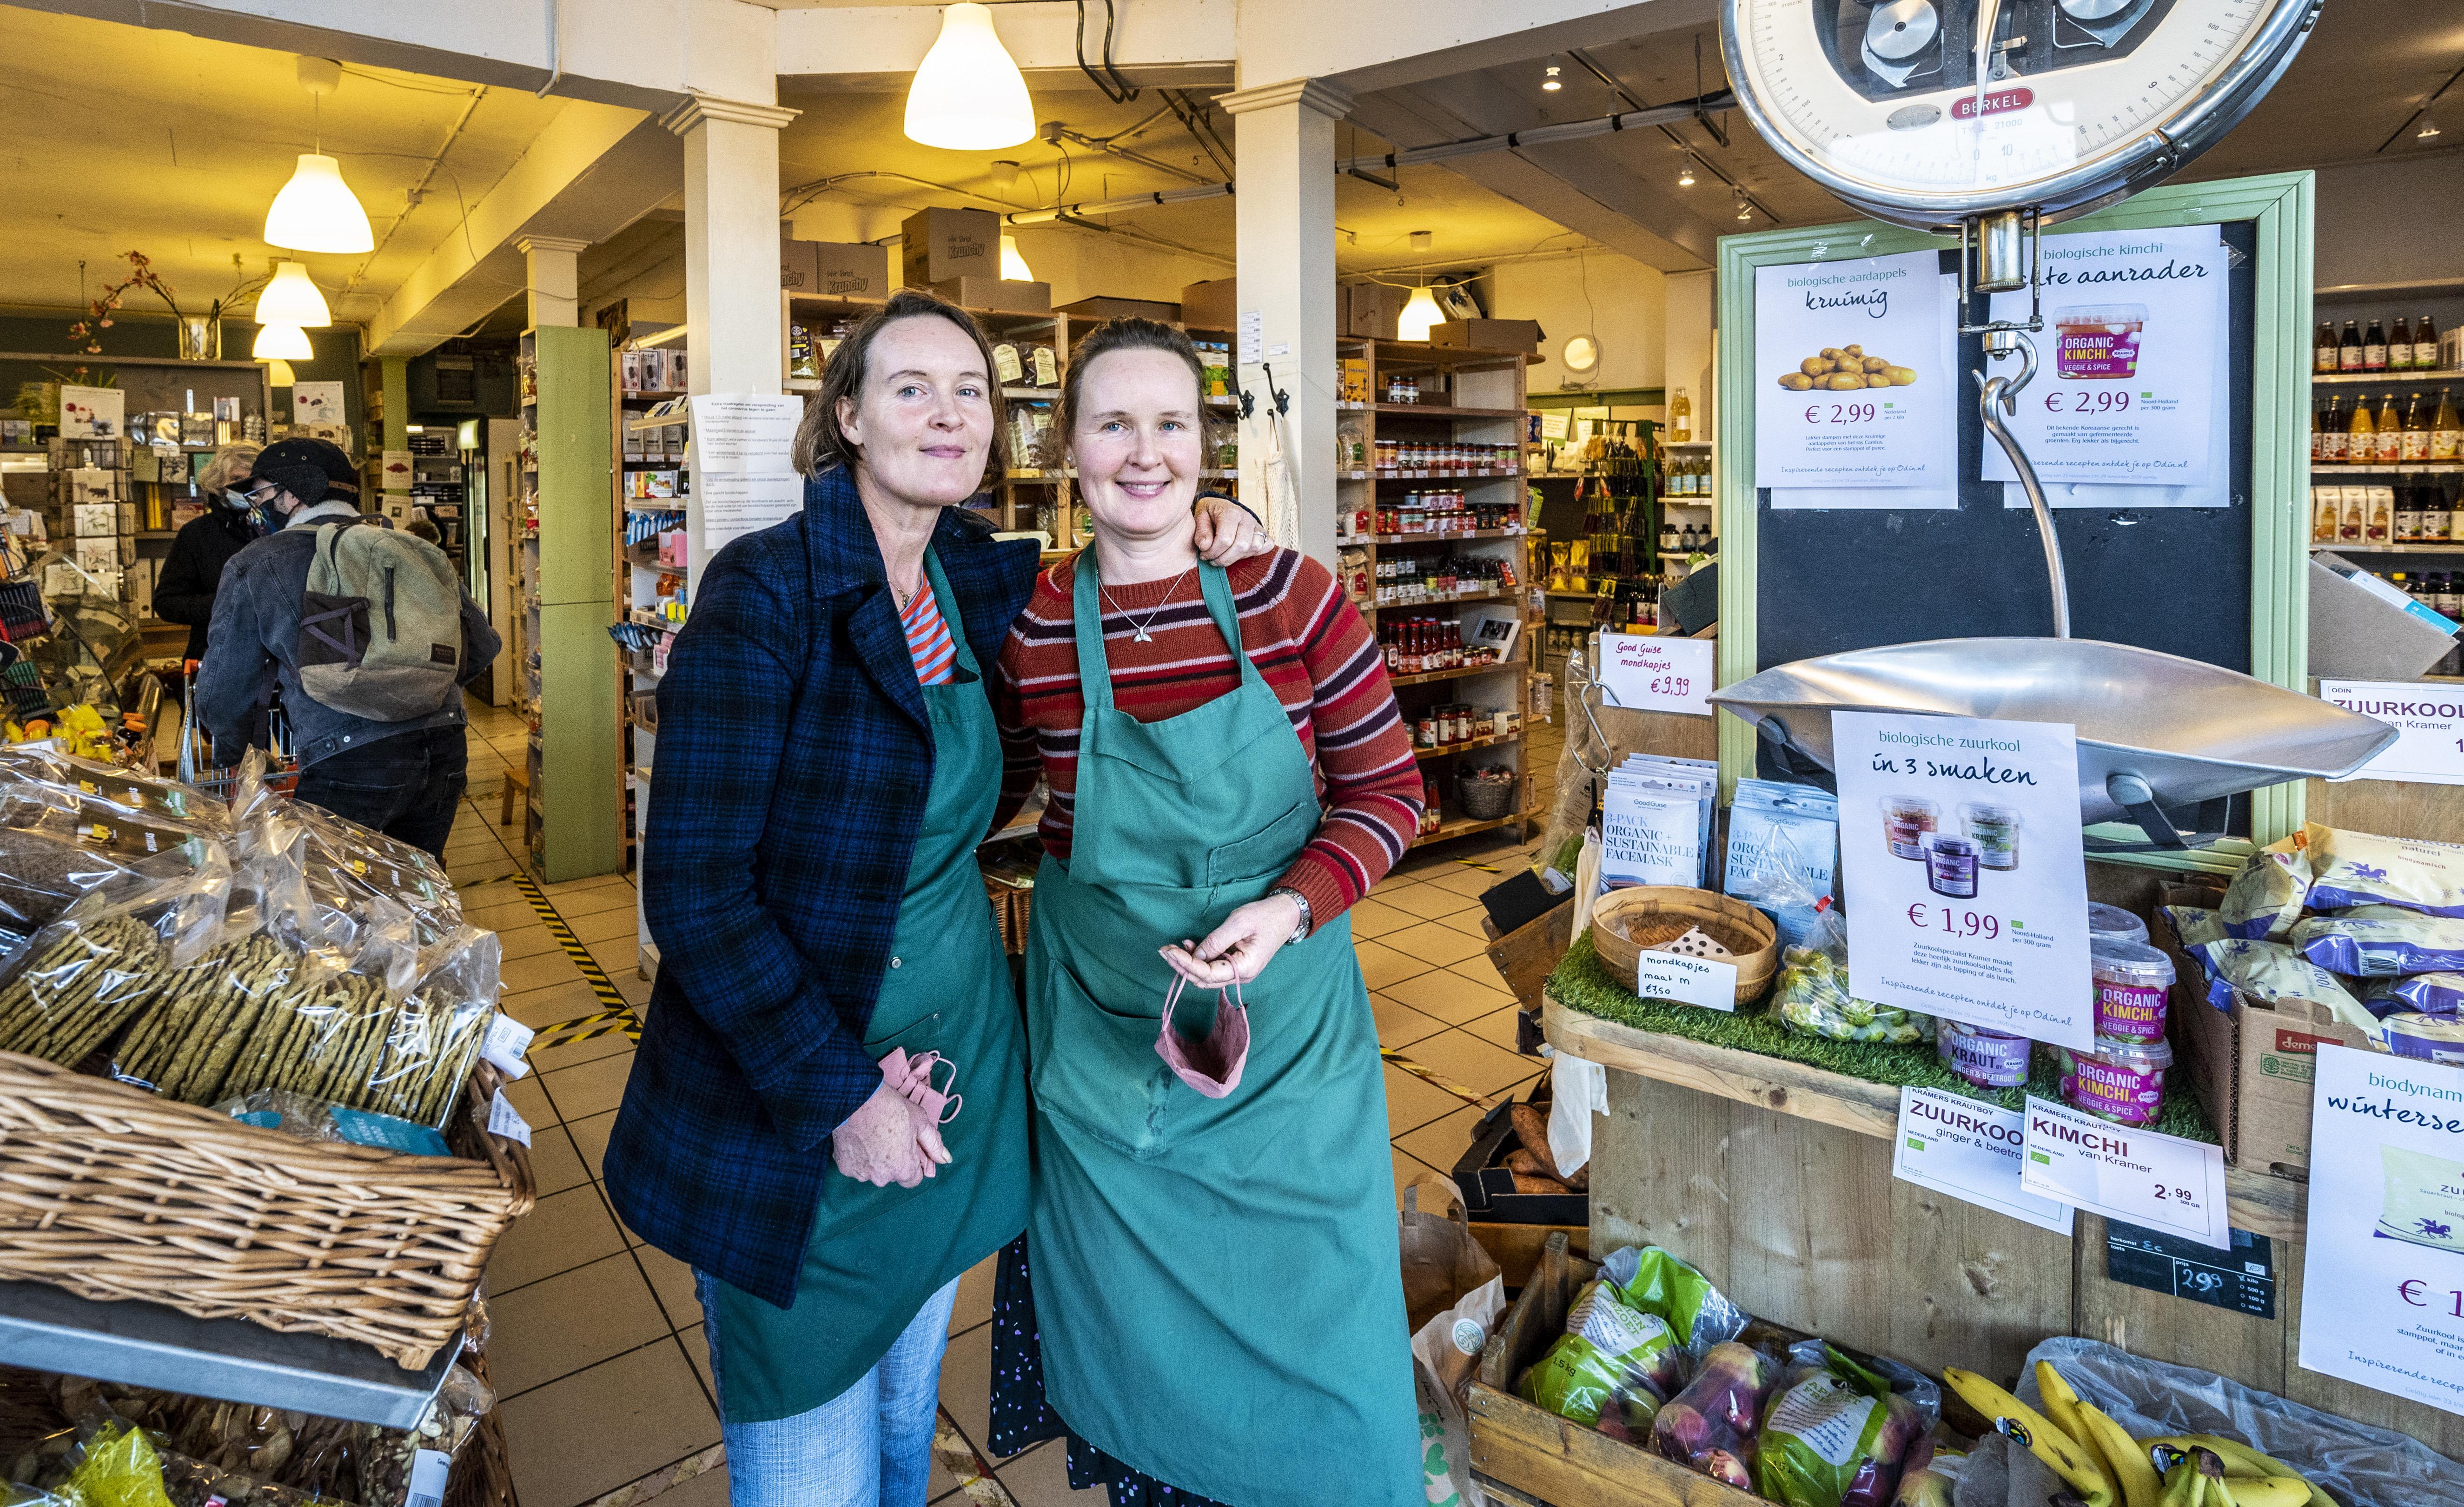 Haarlemse tweelingzussen zijn na twintig jaar klaar met natuurvoedingswinkel De Groene Juffers